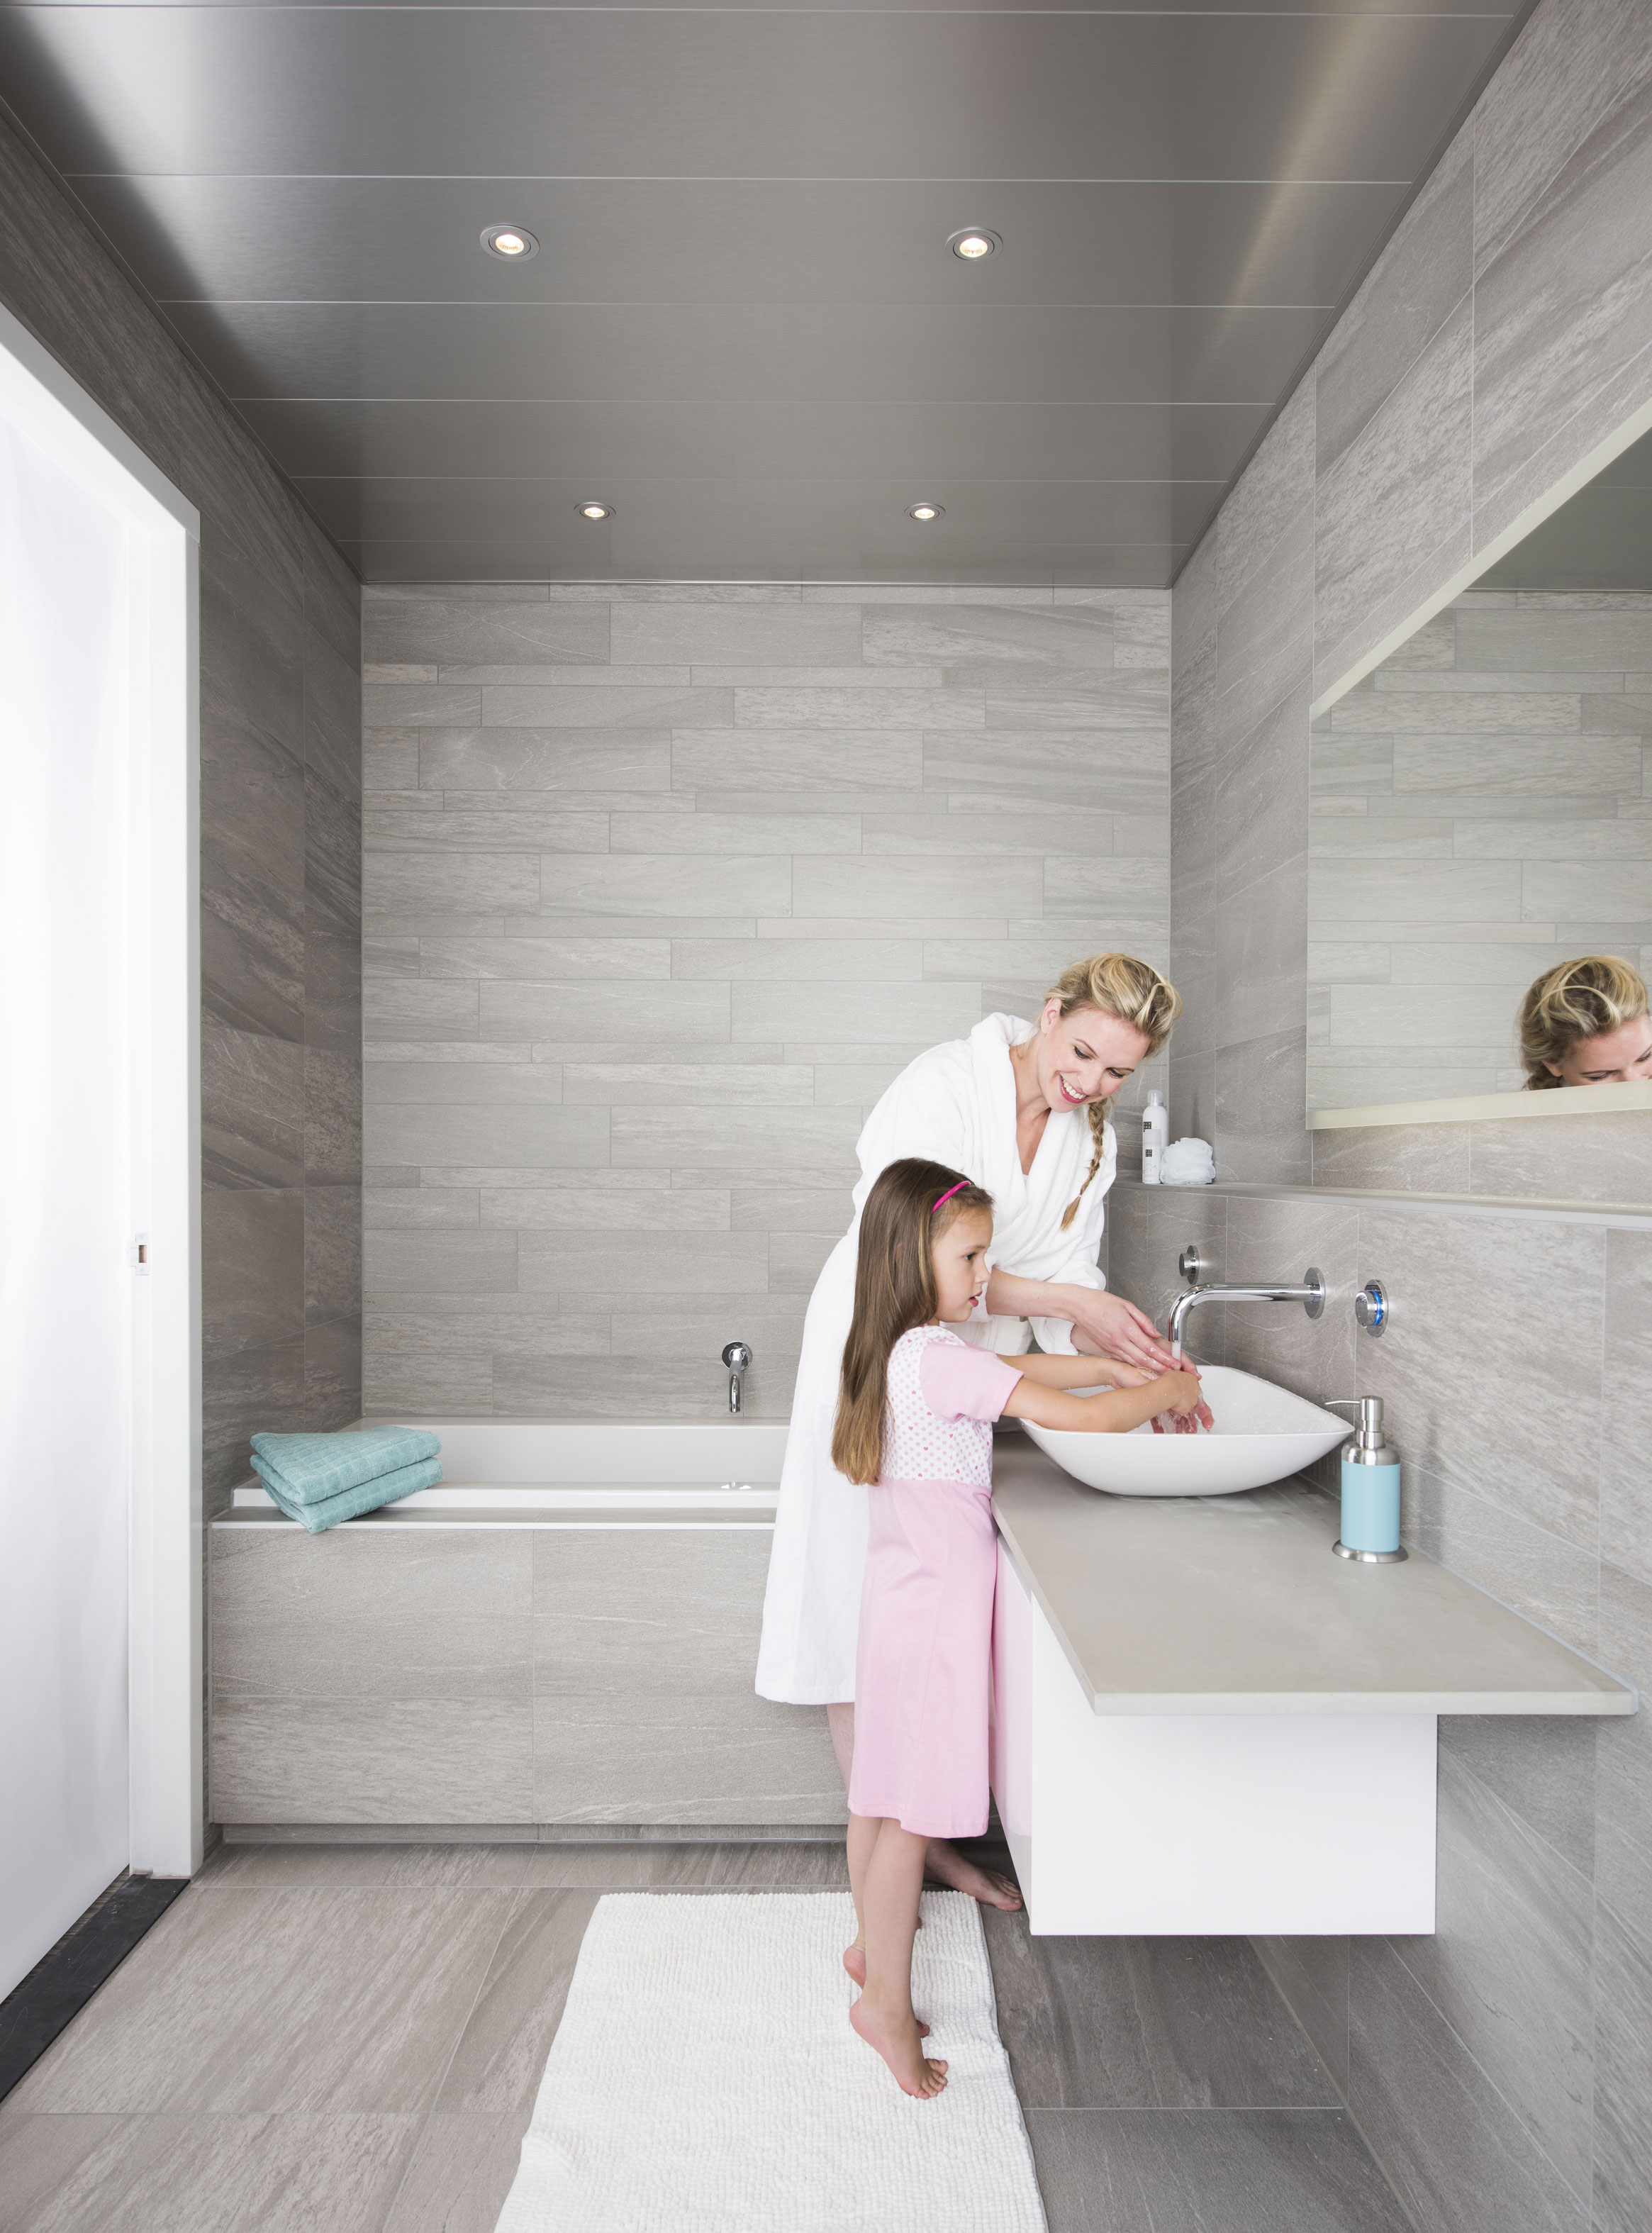 5x comfortabele producten voor de badkamer van sanidr me nieuws startpagina voor badkamer - M badkamer installatie ...